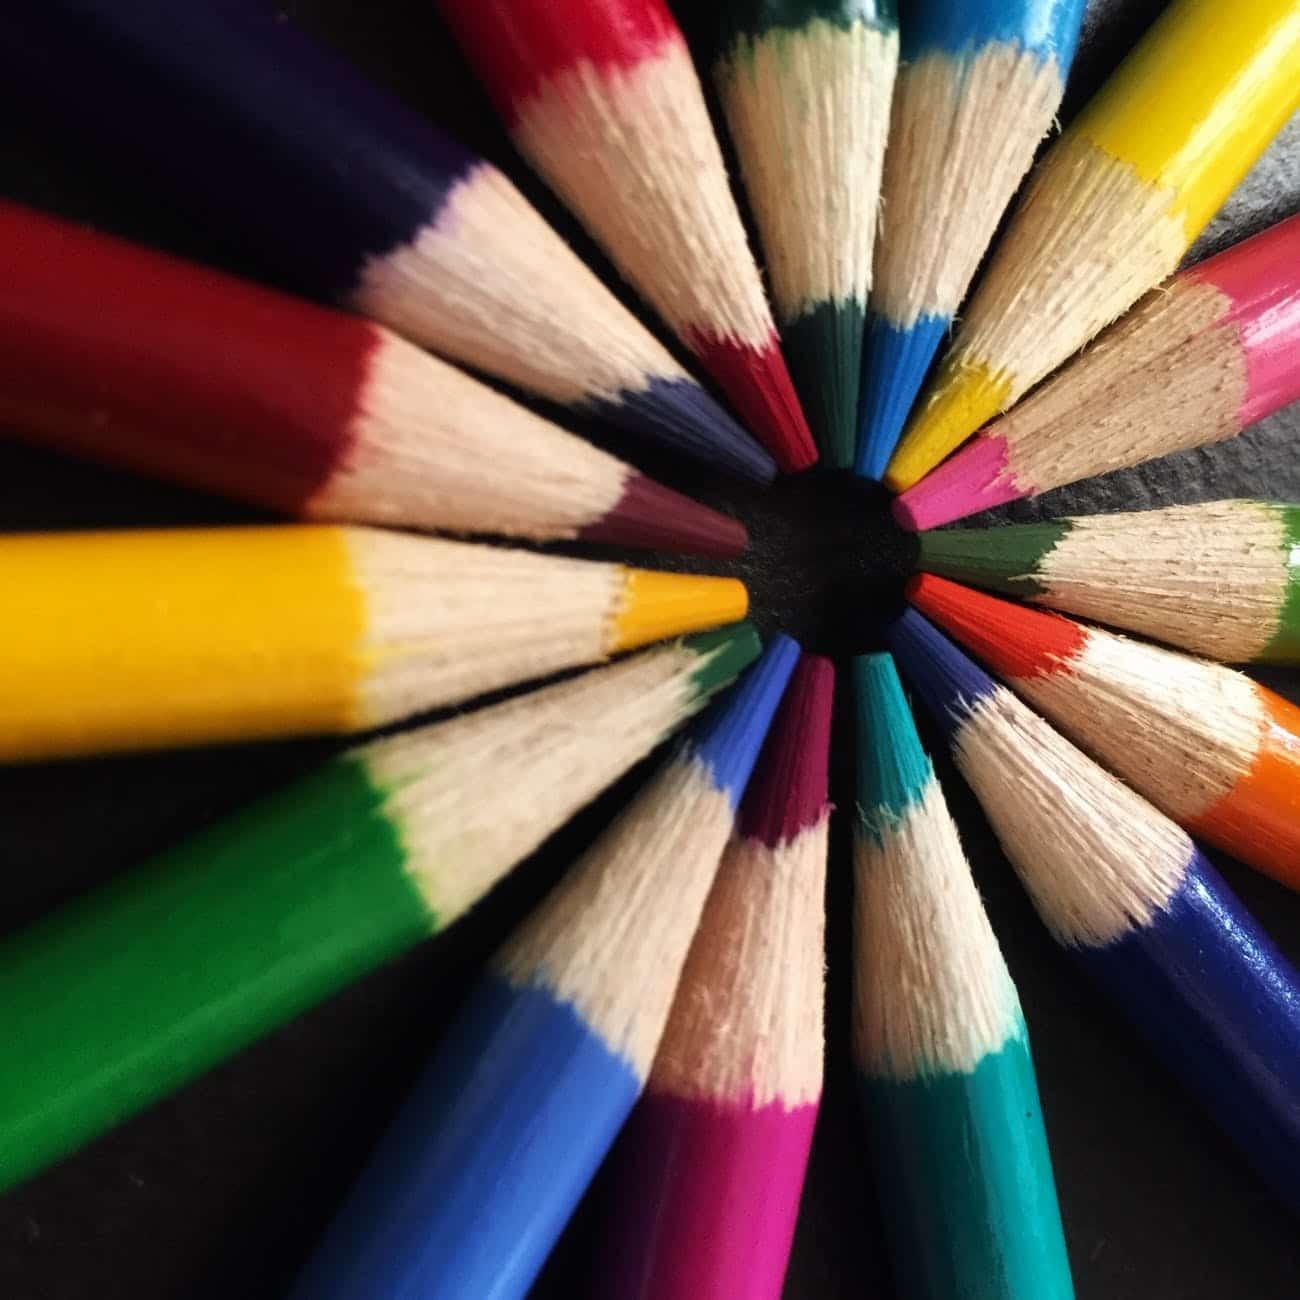 art art materials bright color